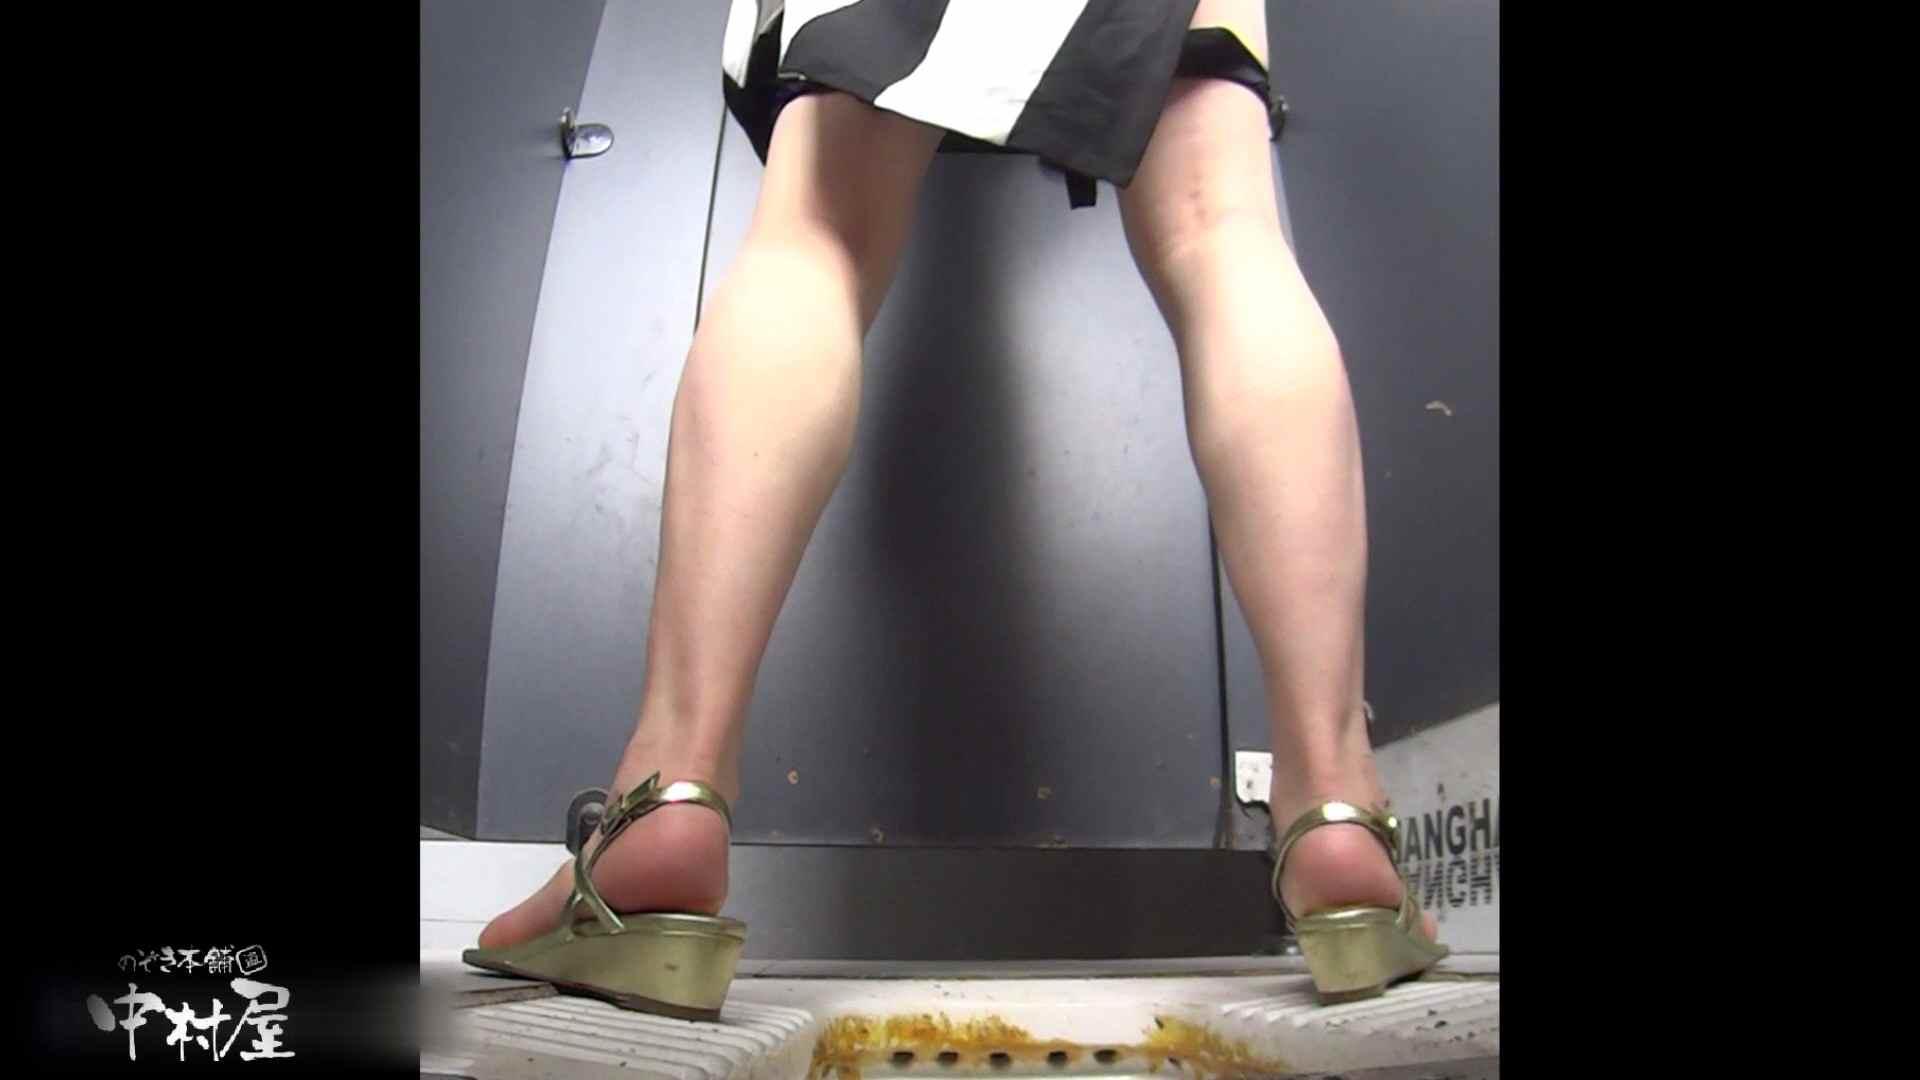 VIP配信している有名大学休憩時間の洗面所事情 一部公開‼ 盗撮師作品 AV無料動画キャプチャ 81pic 18